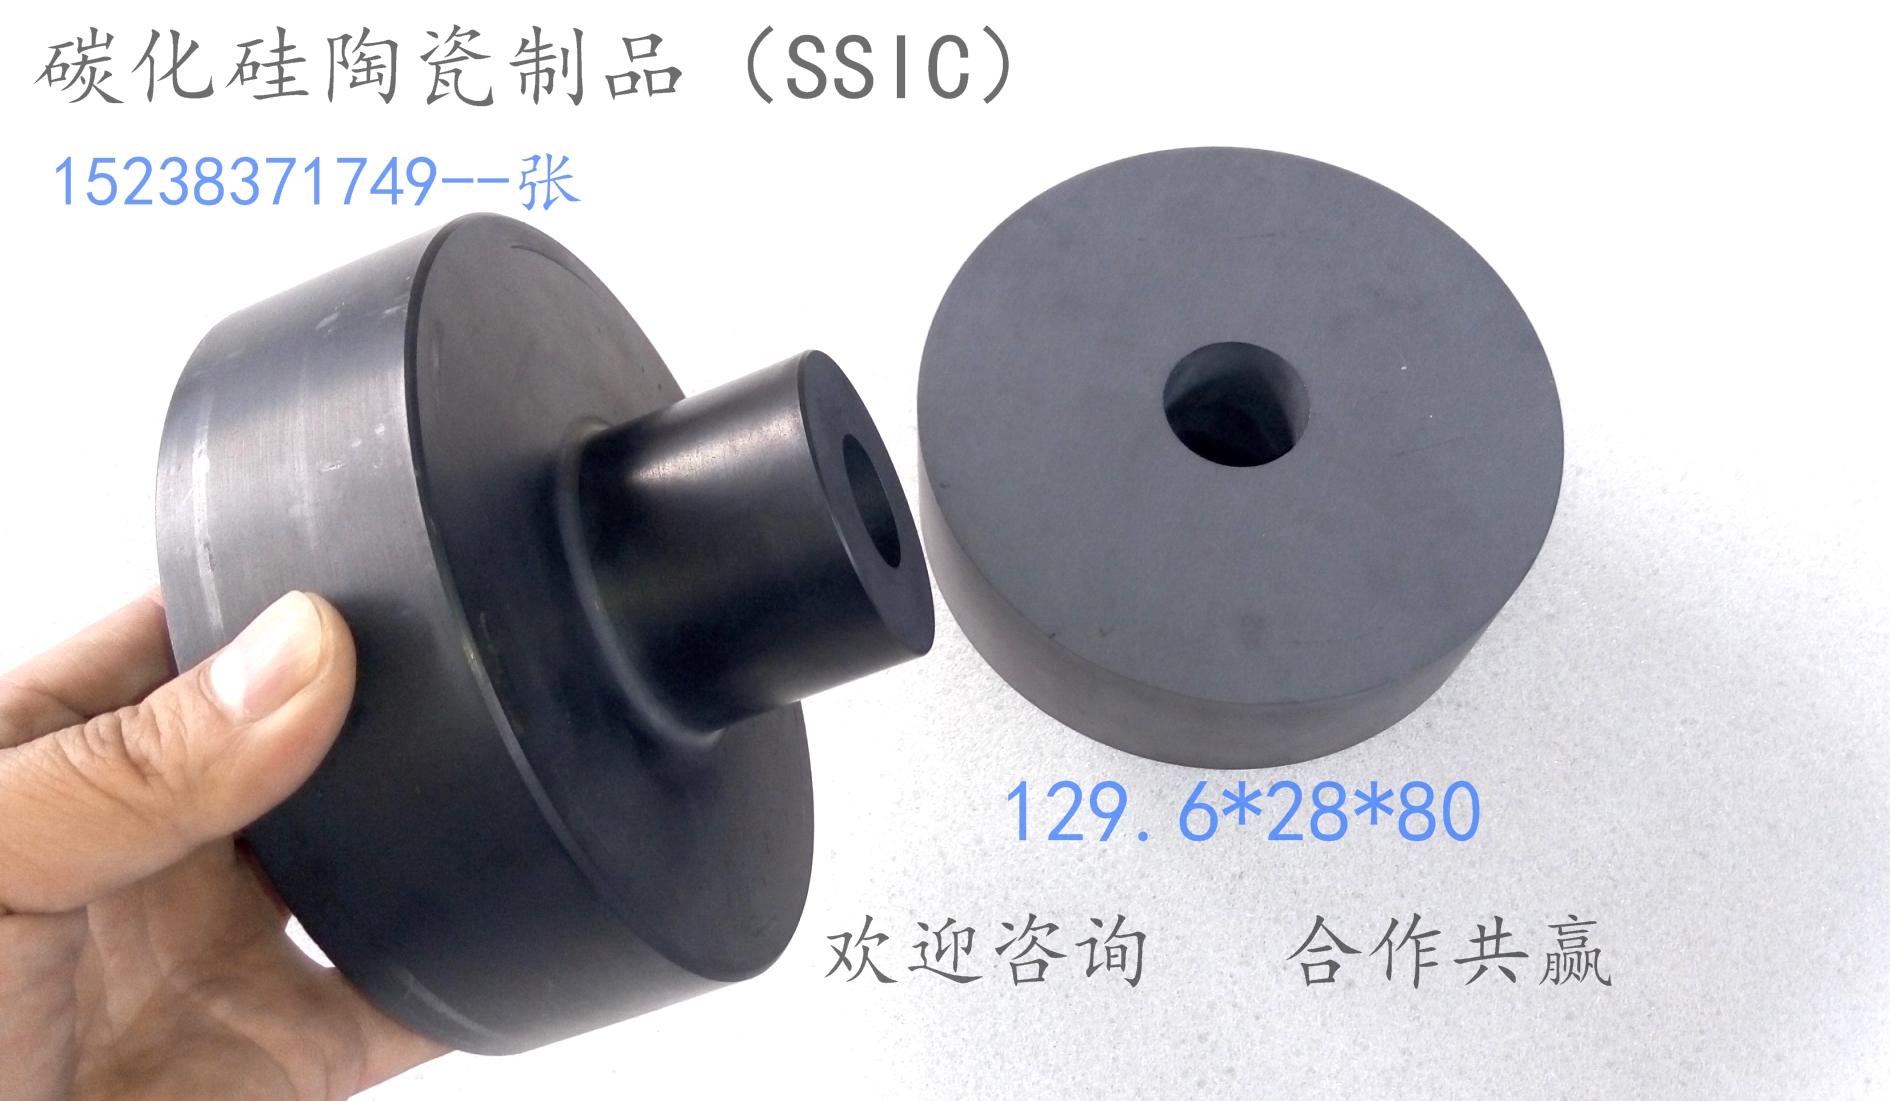 供应用于的碳化硅陶瓷球哪里有卖的?,上海碳化硅陶瓷球哪有卖的?浙江哪有卖碳化硅陶瓷球的?江苏氮化硅结合碳化硅陶瓷厂家。